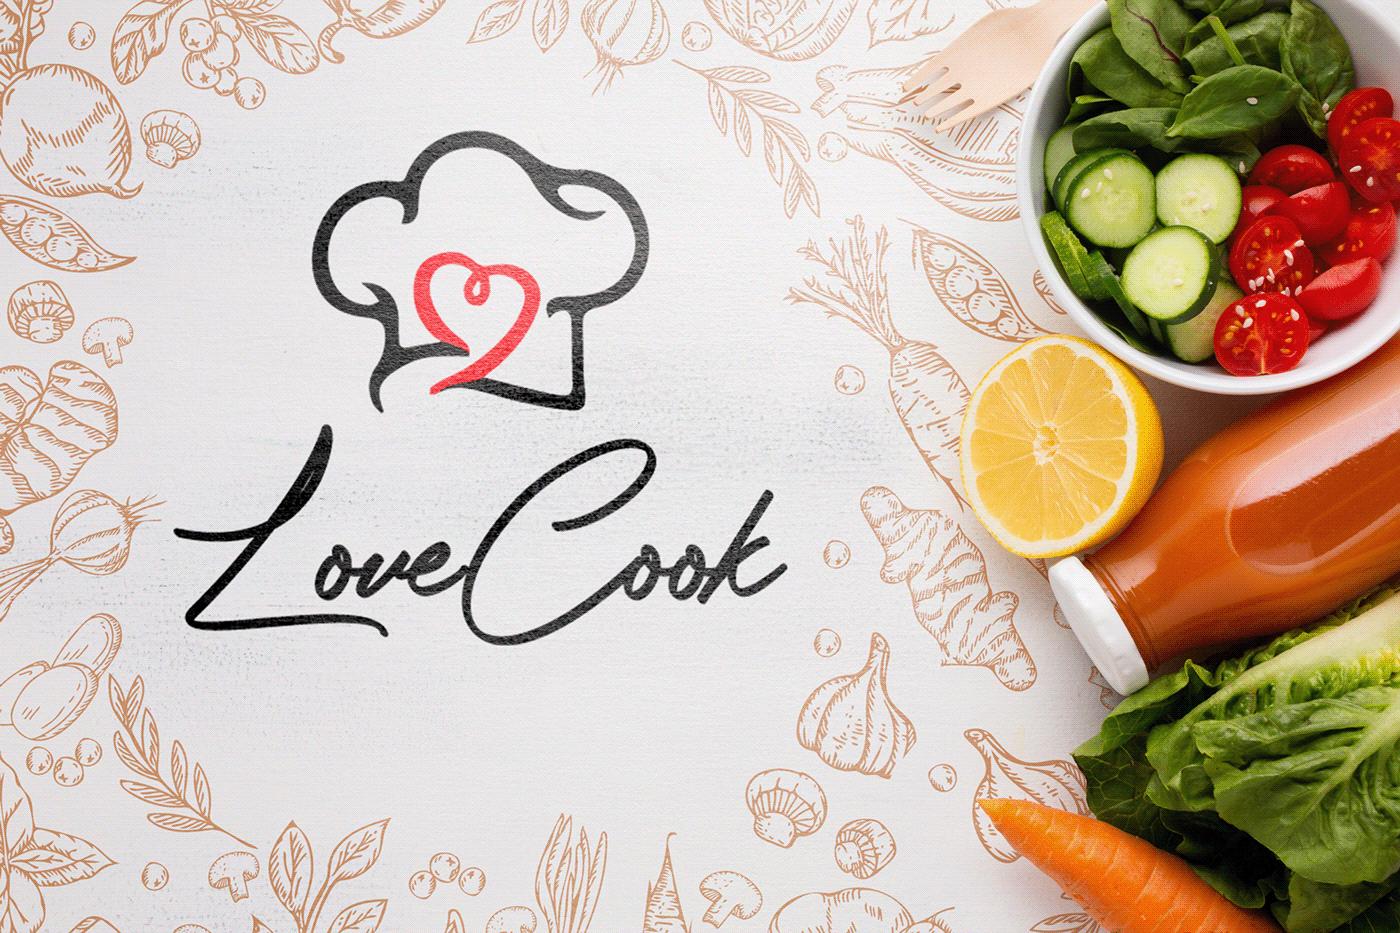 Food  Lovecook Portugal vegan